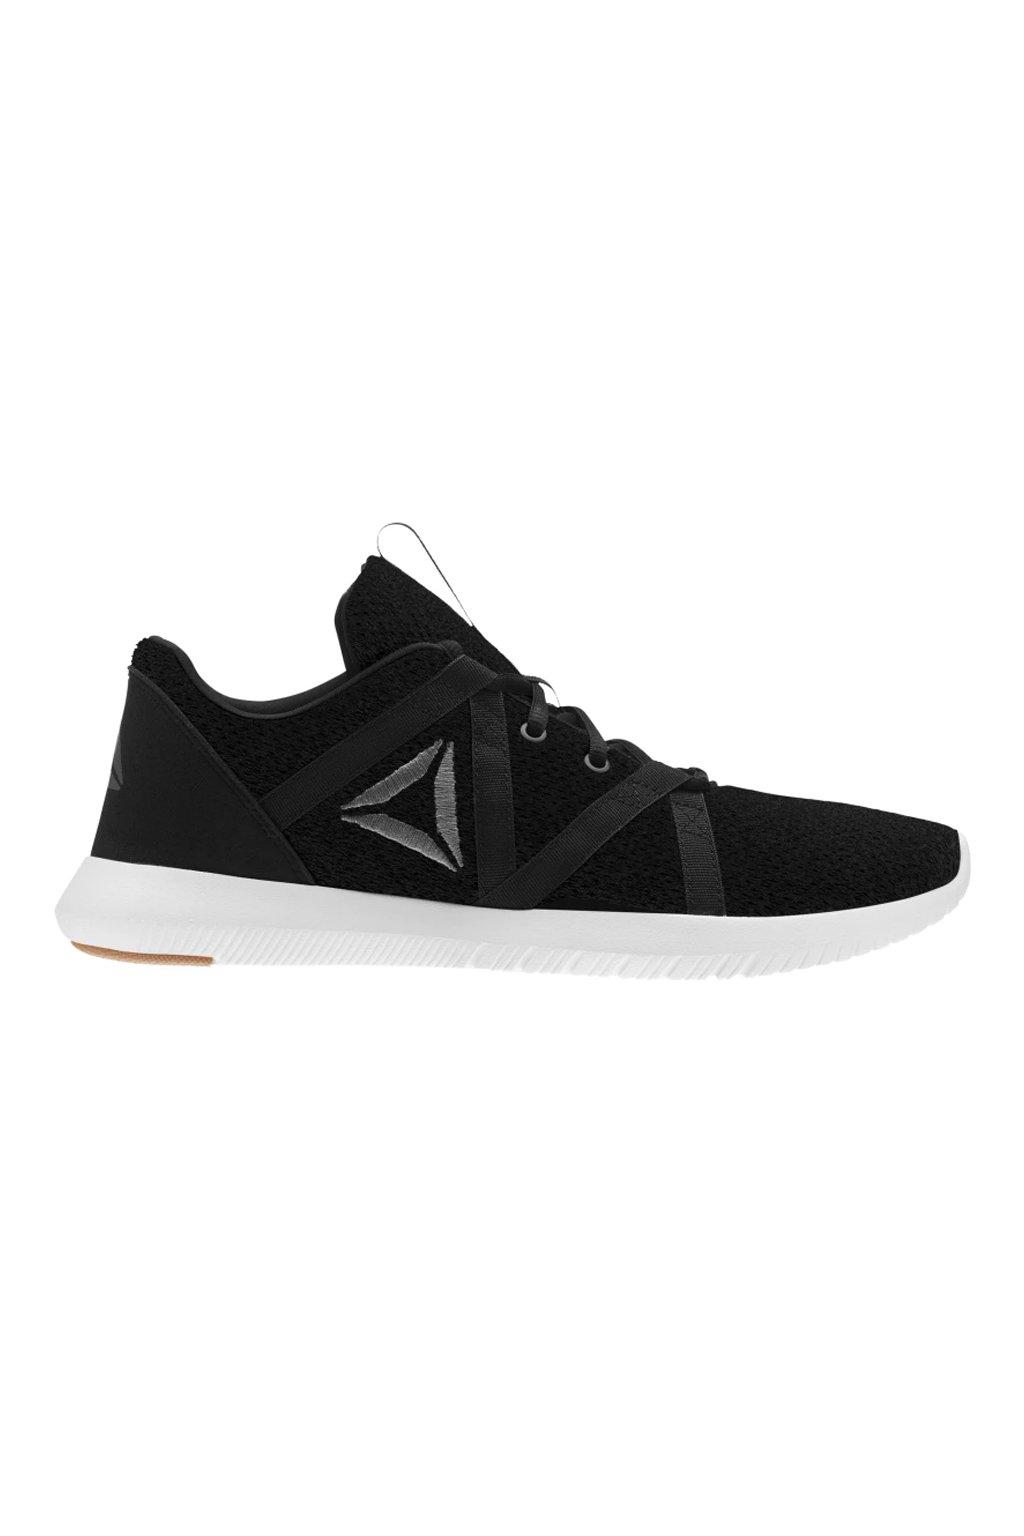 Pánska obuv Reebok Reago Essential čierne CN4624